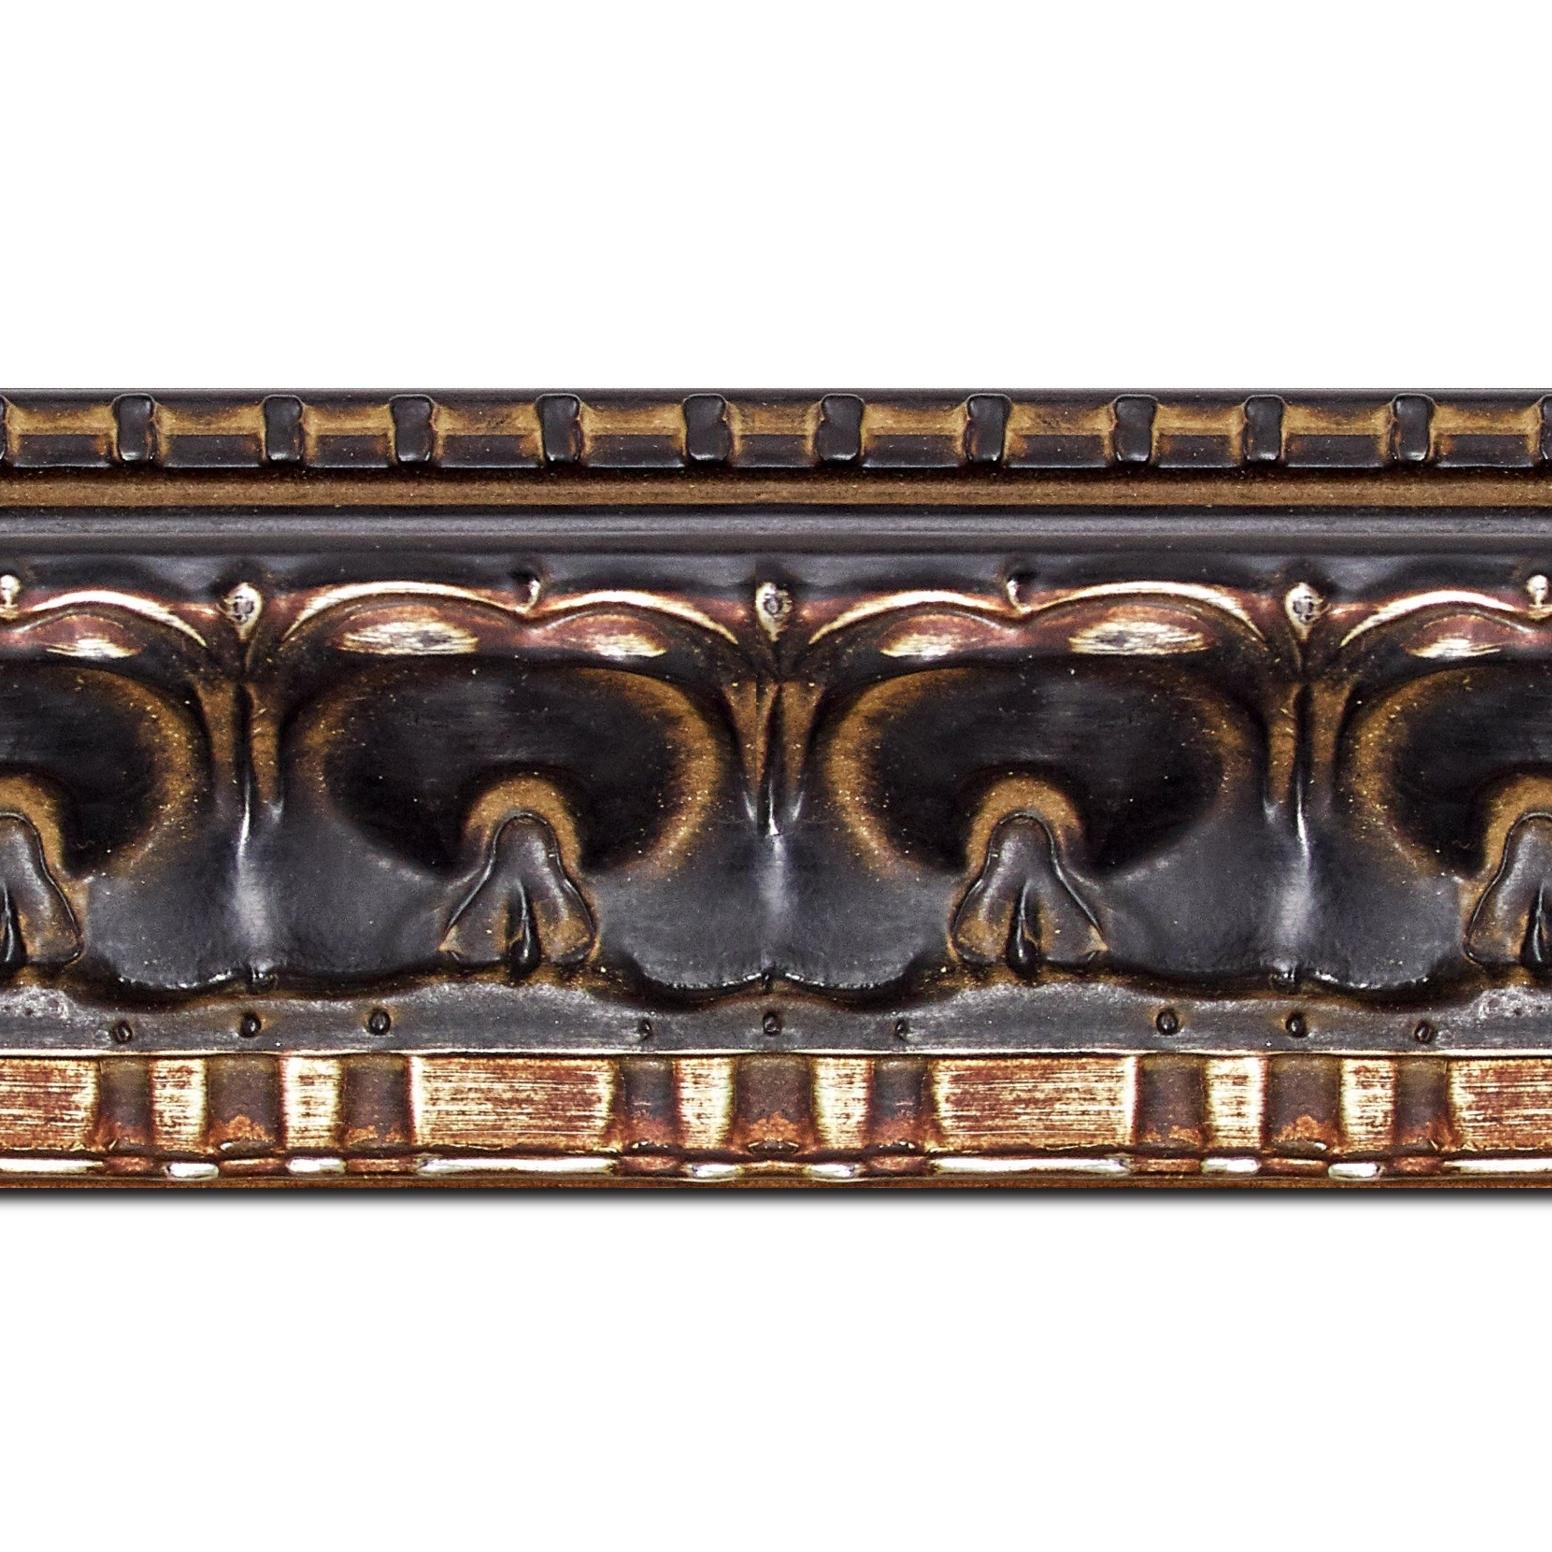 Baguette longueur 1.40m bois profil incurvé largeur 8.5cm noir antique classique nez vermeille noirci